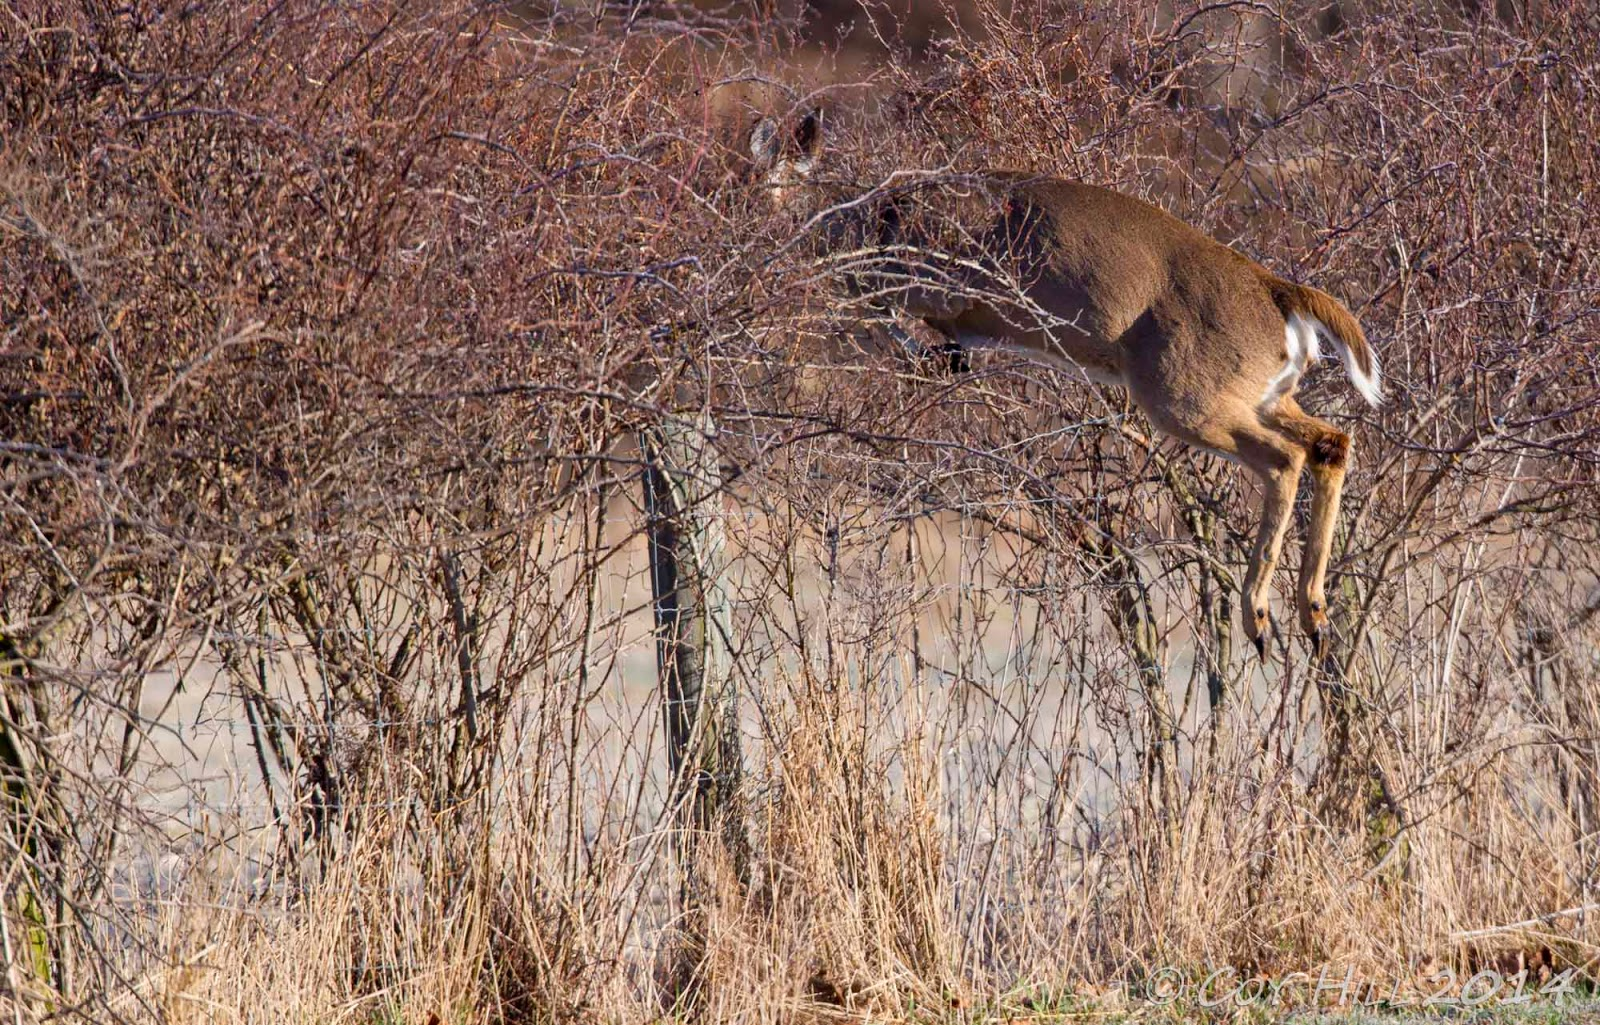 Deer Fencing Fences The Deer Cross Over